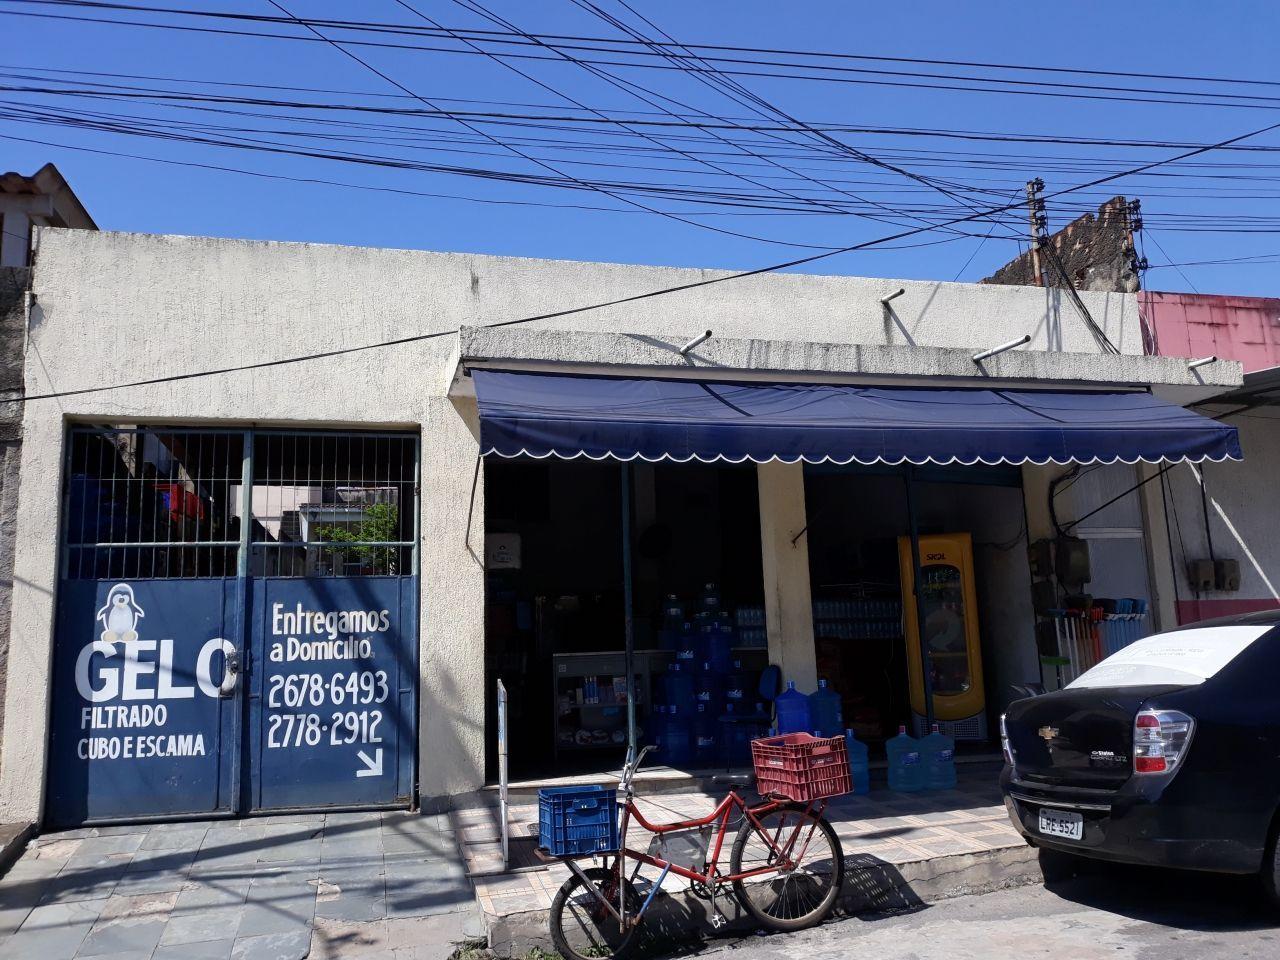 Ponto comercial à venda  no Saracuruna - Duque de Caxias, RJ. Imóveis